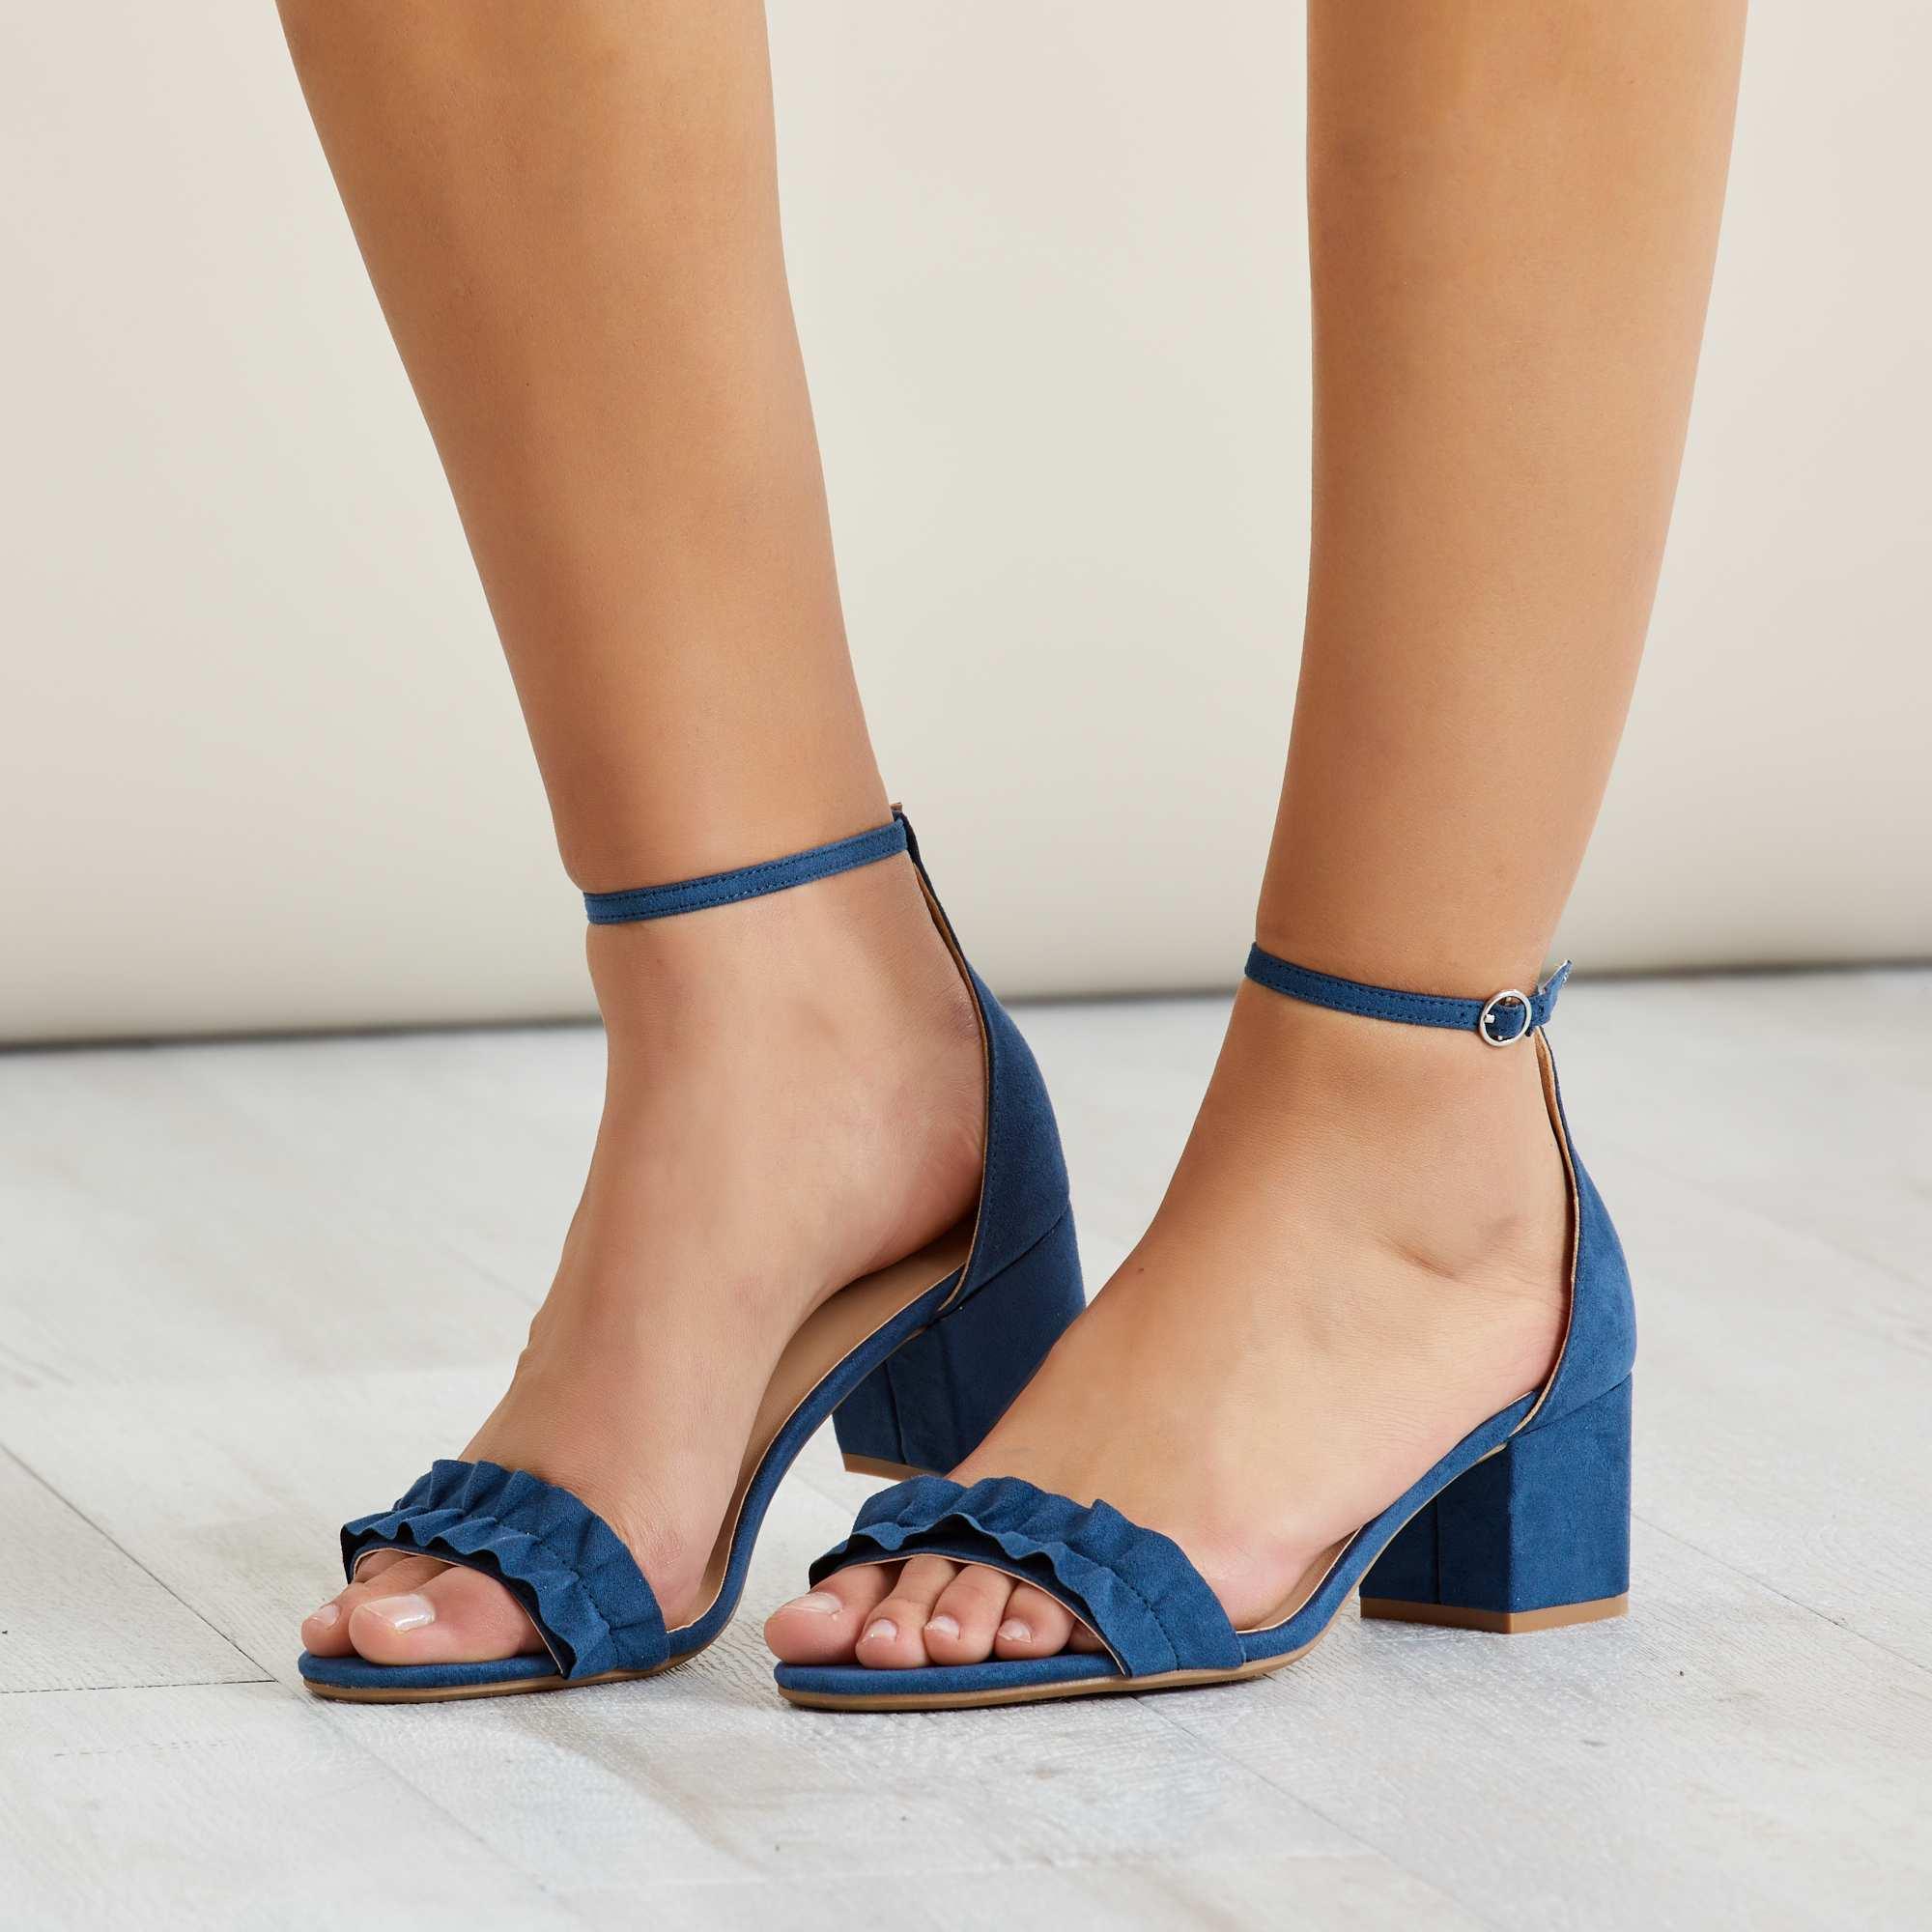 sandales talons en su dine femme bleu navy kiabi 14 00. Black Bedroom Furniture Sets. Home Design Ideas